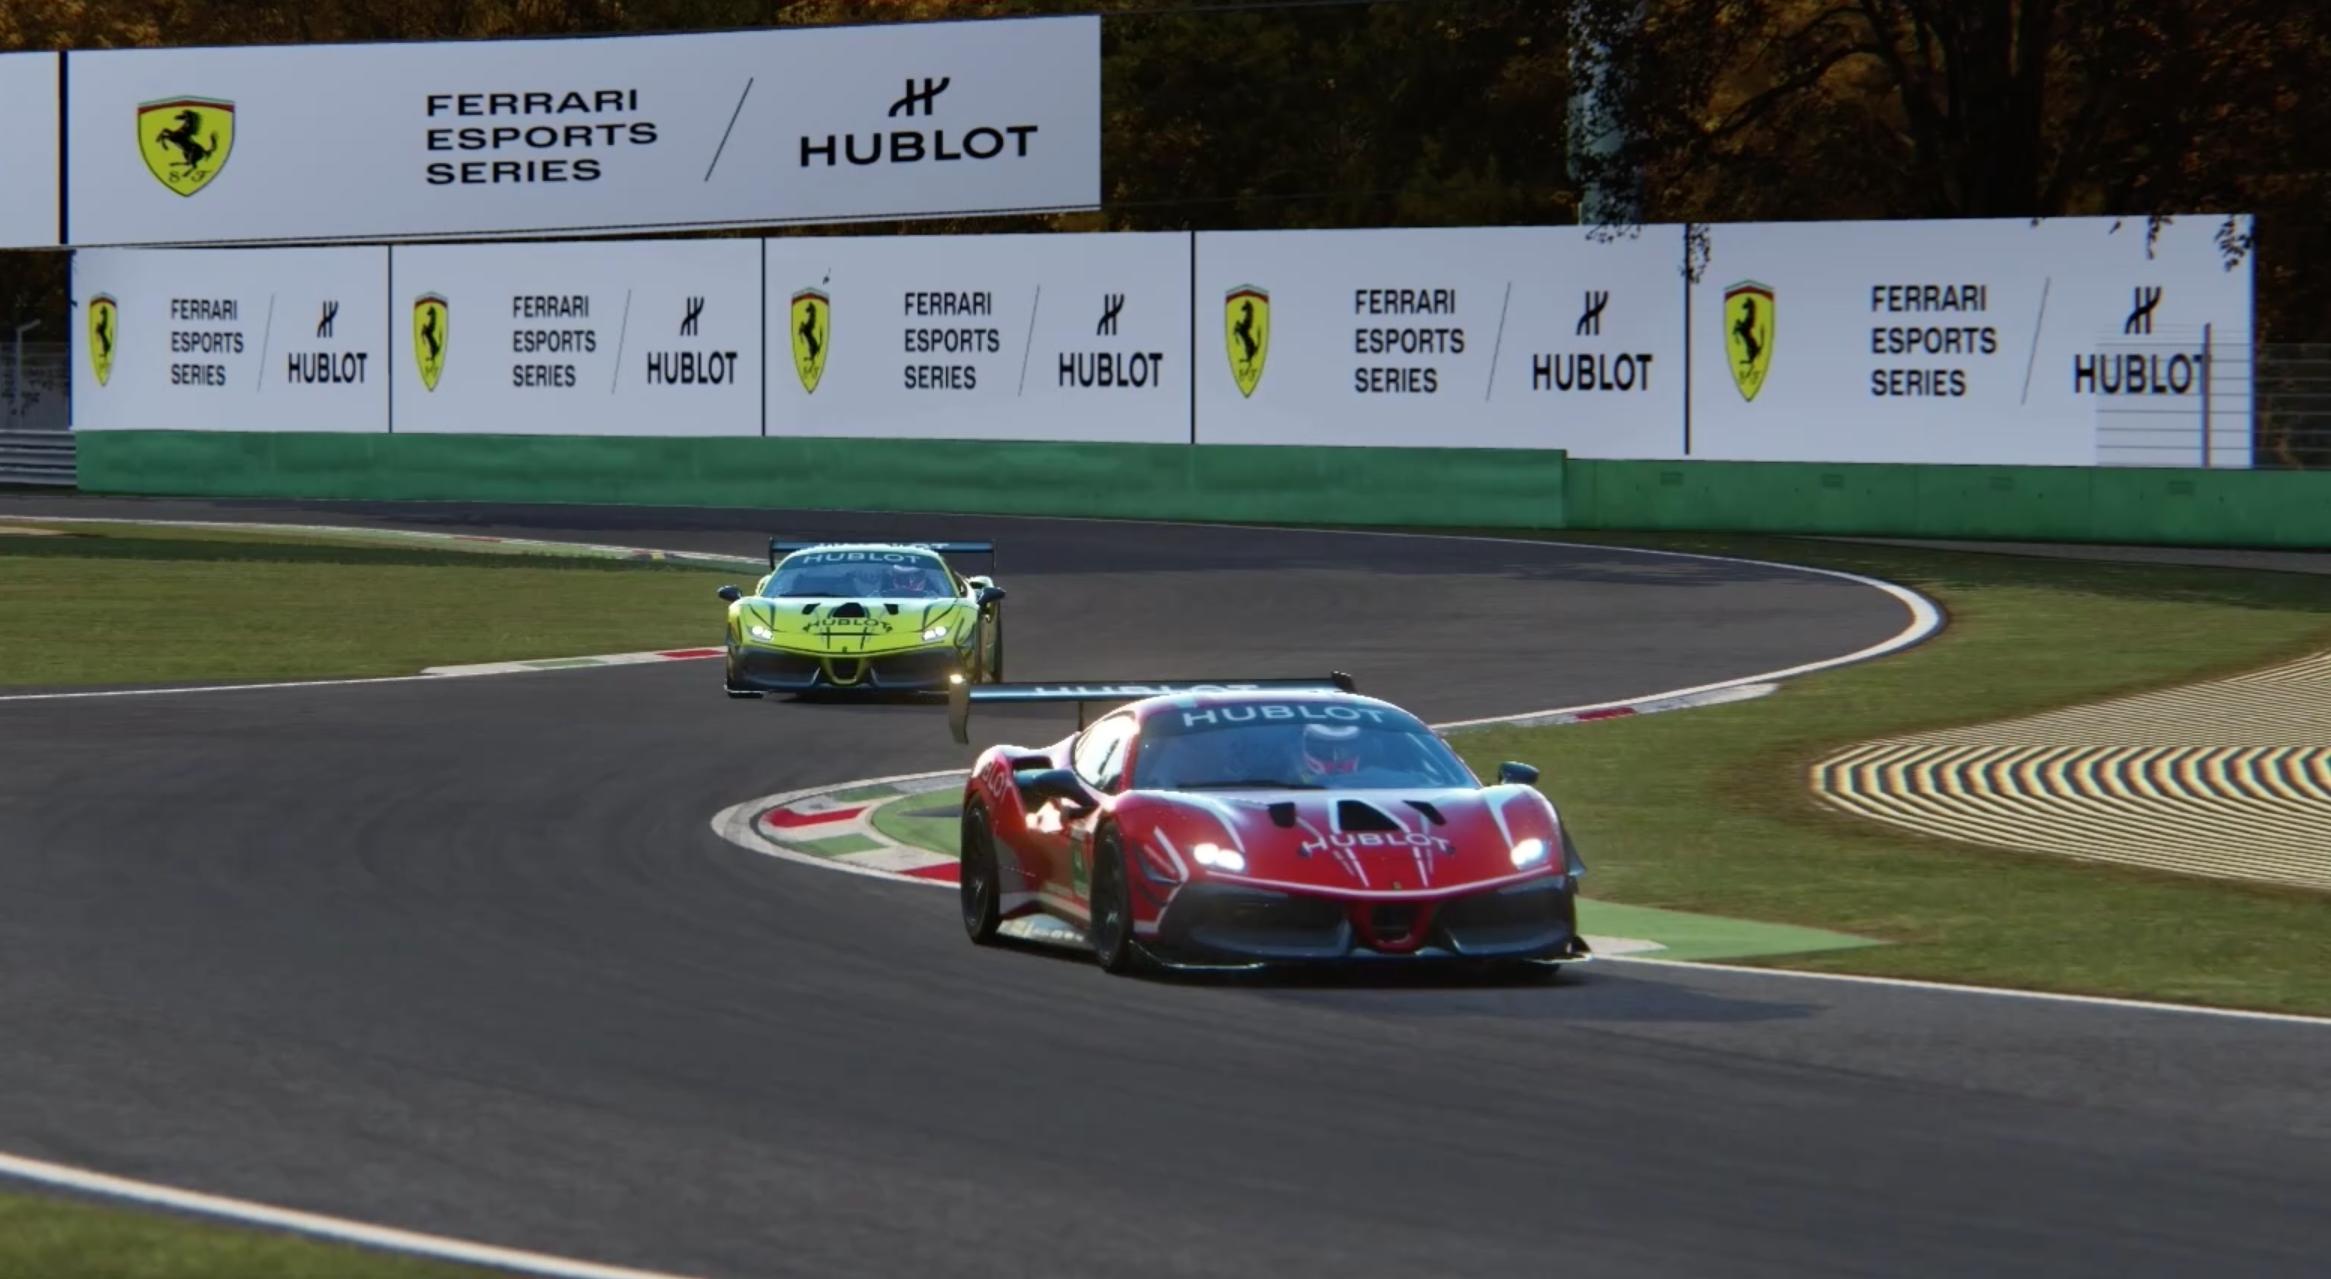 Ferrari Esports De Salvo And Lacombe